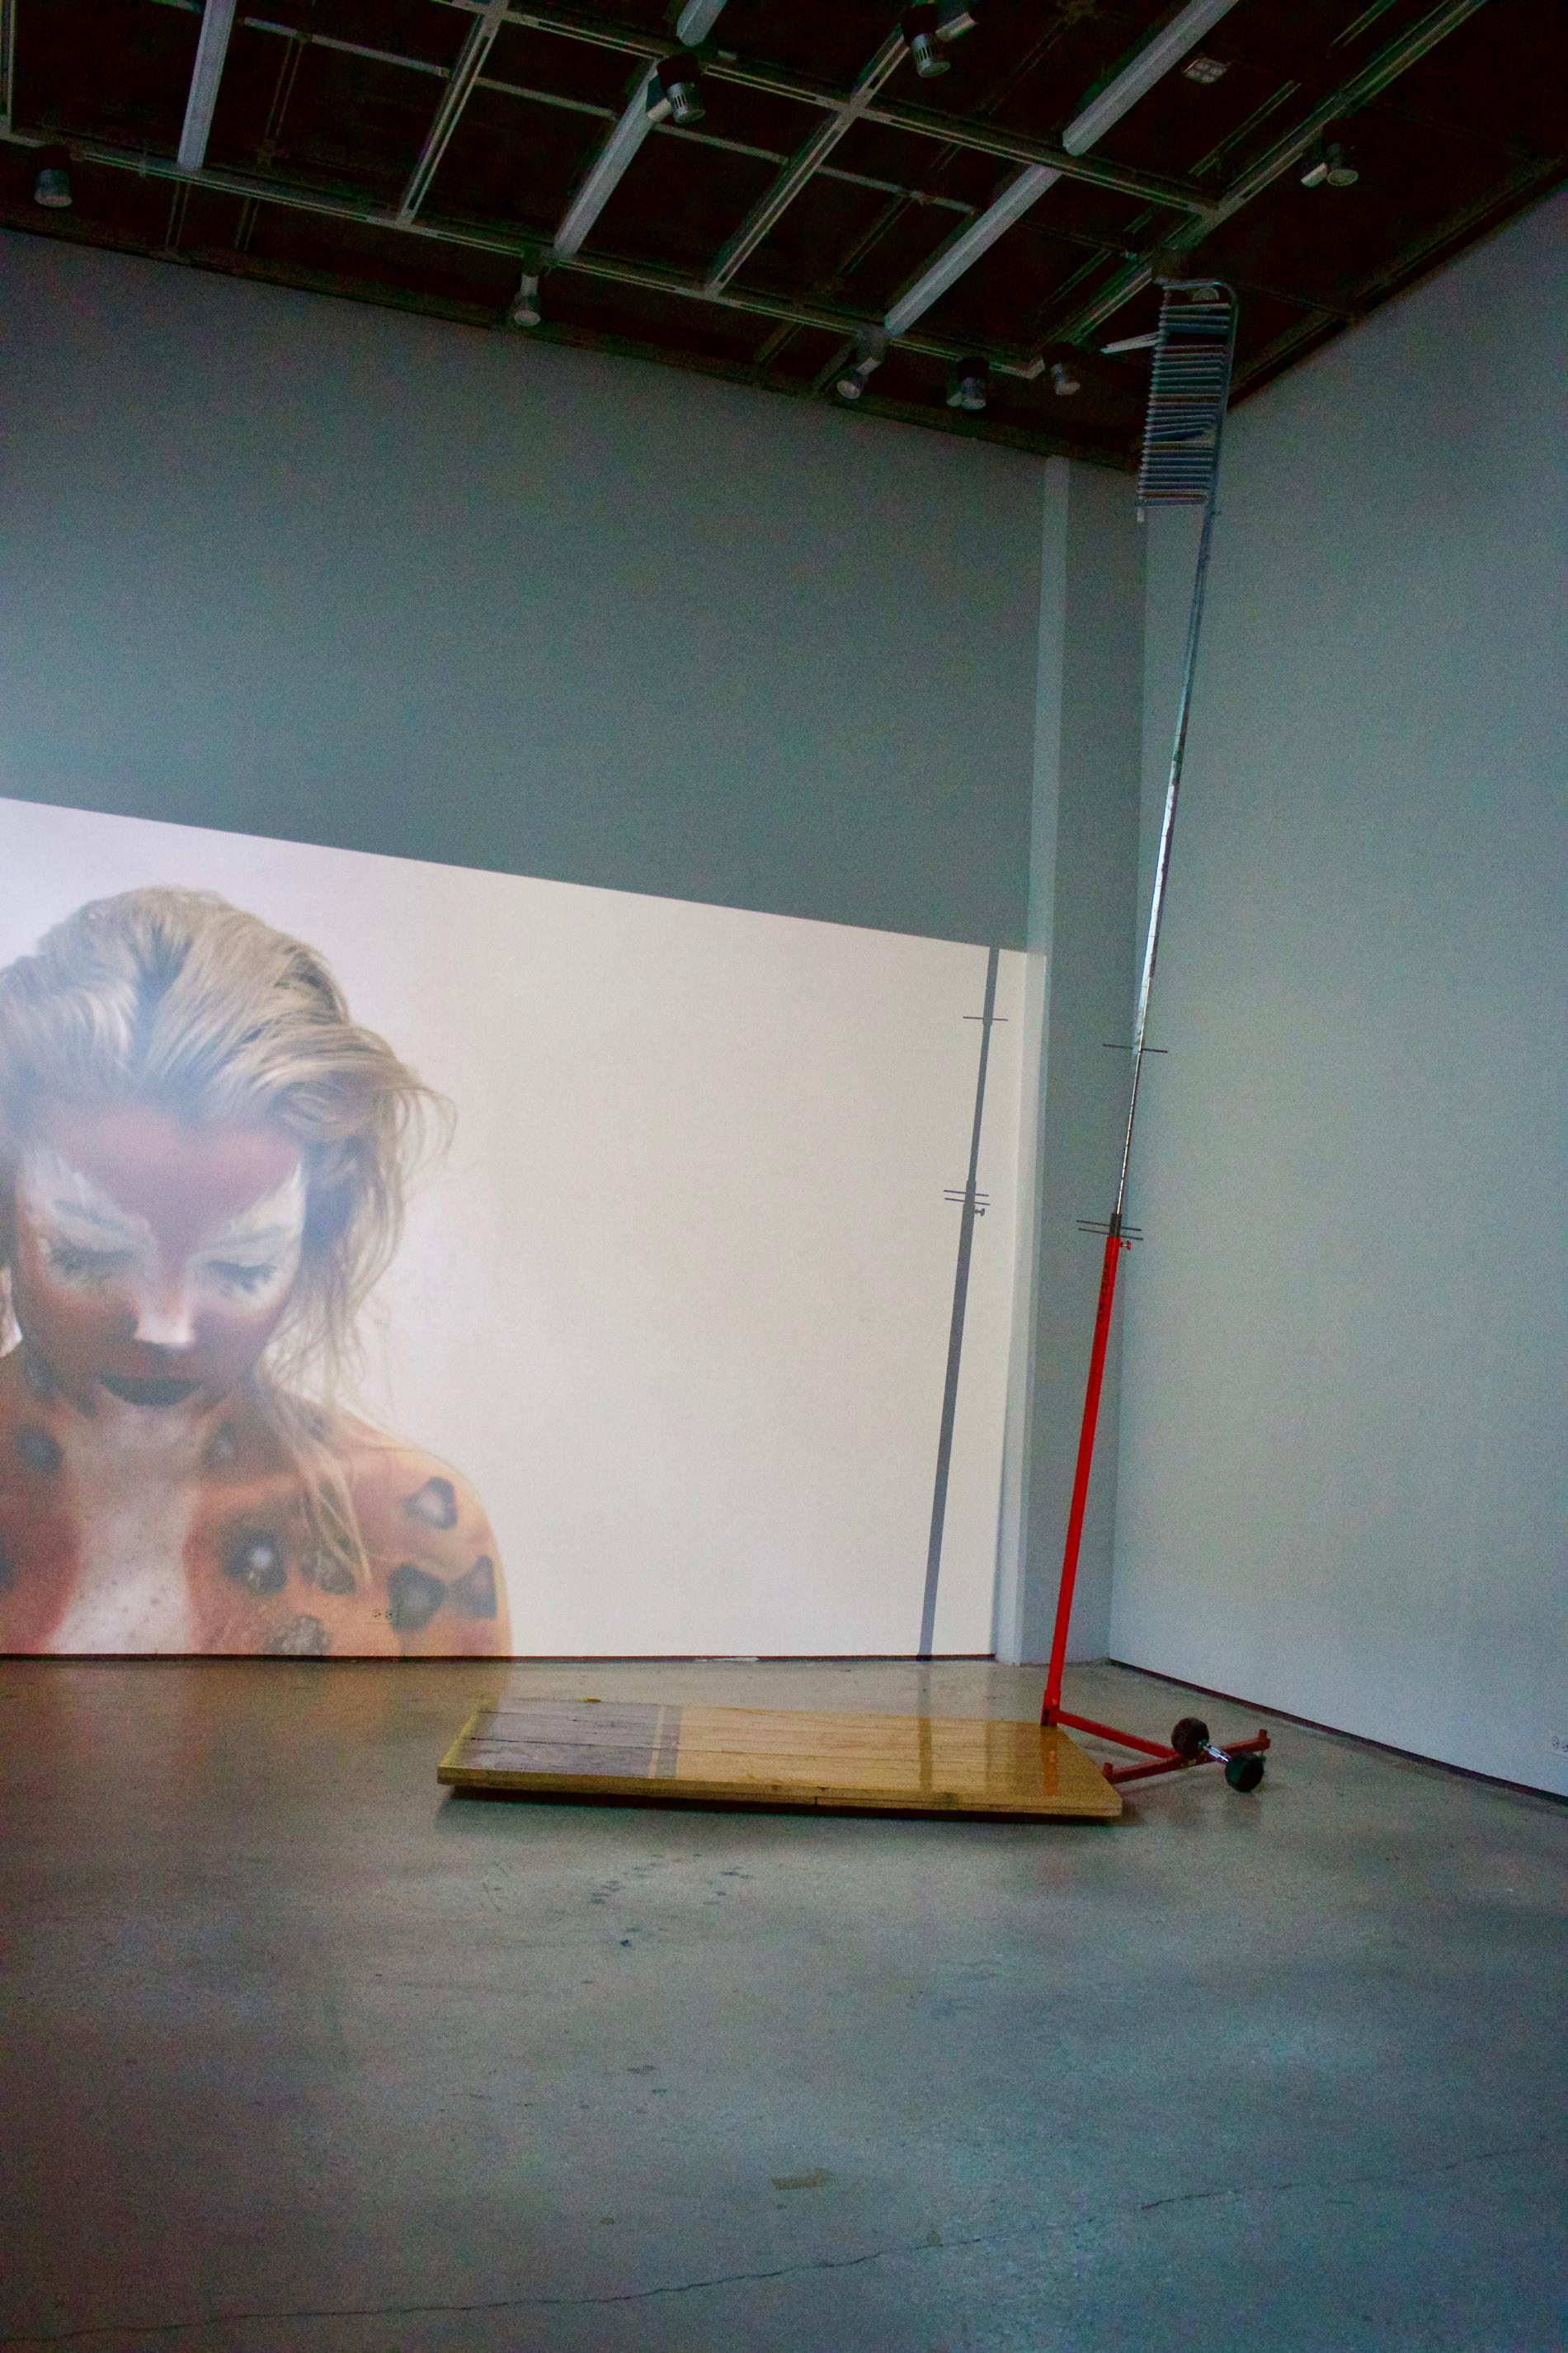 Jacqueline-Surdell-Artist-Sculpture-How-High-Is-Too-High-01.jpg